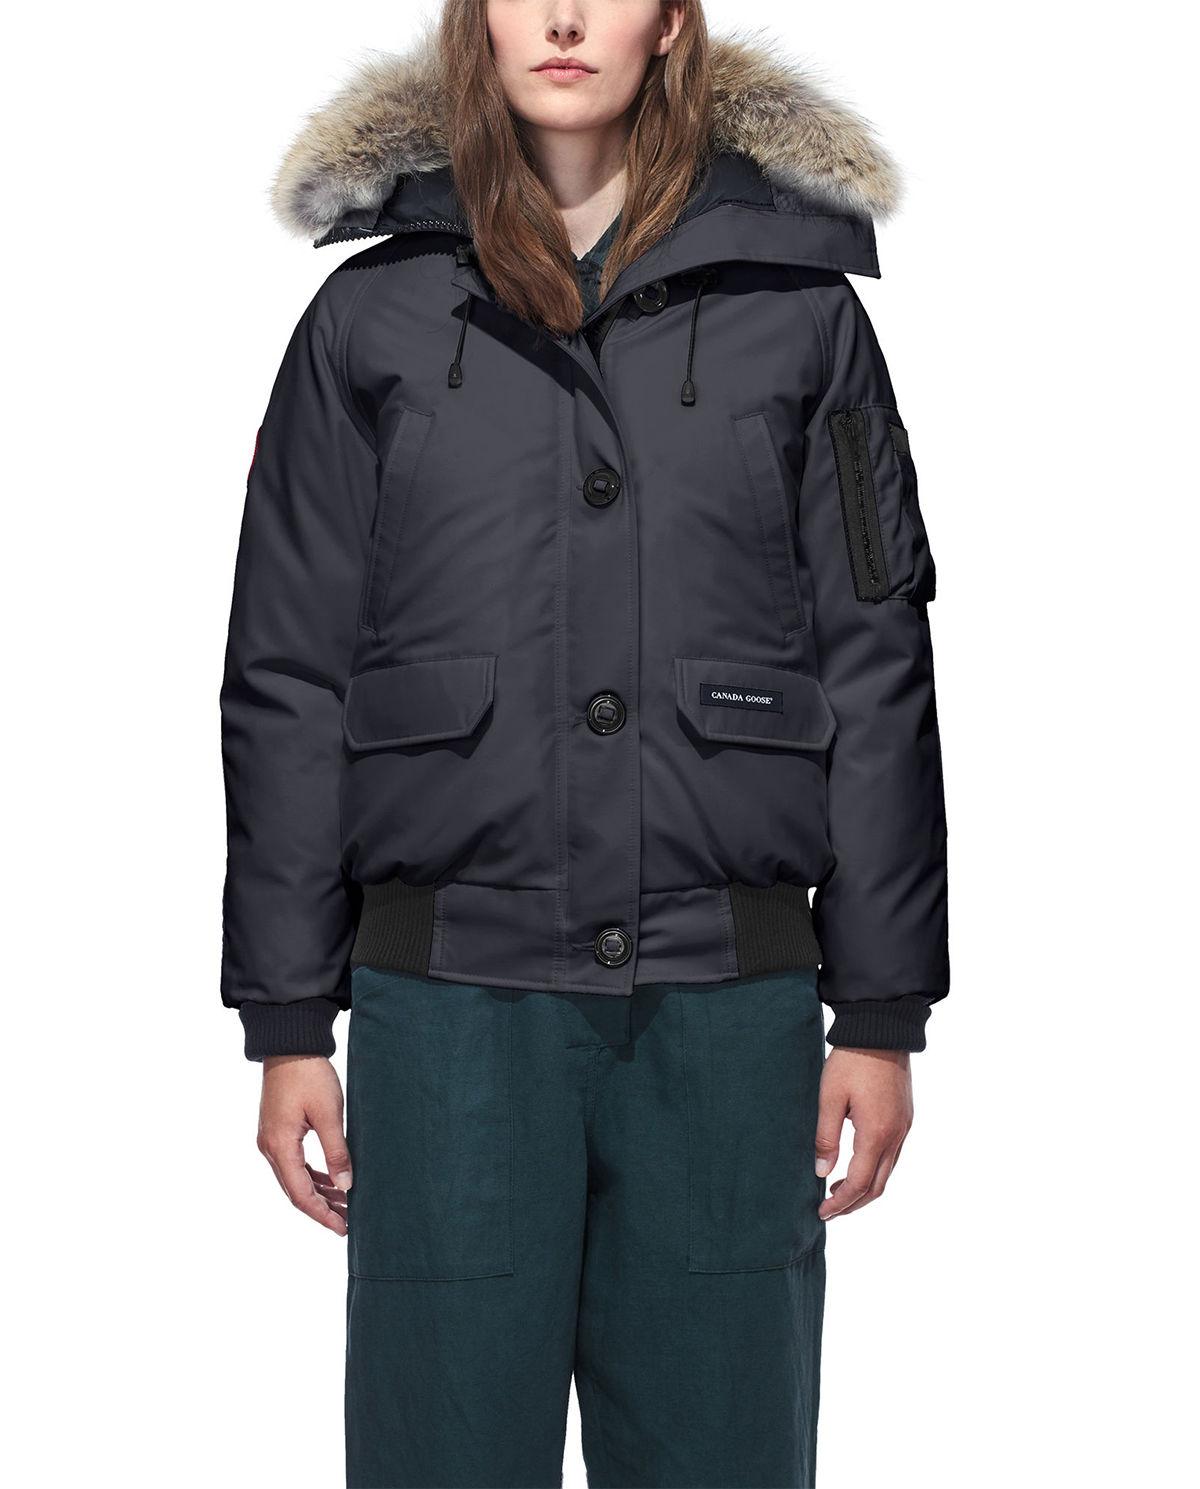 canada goose płaszcz internetowy